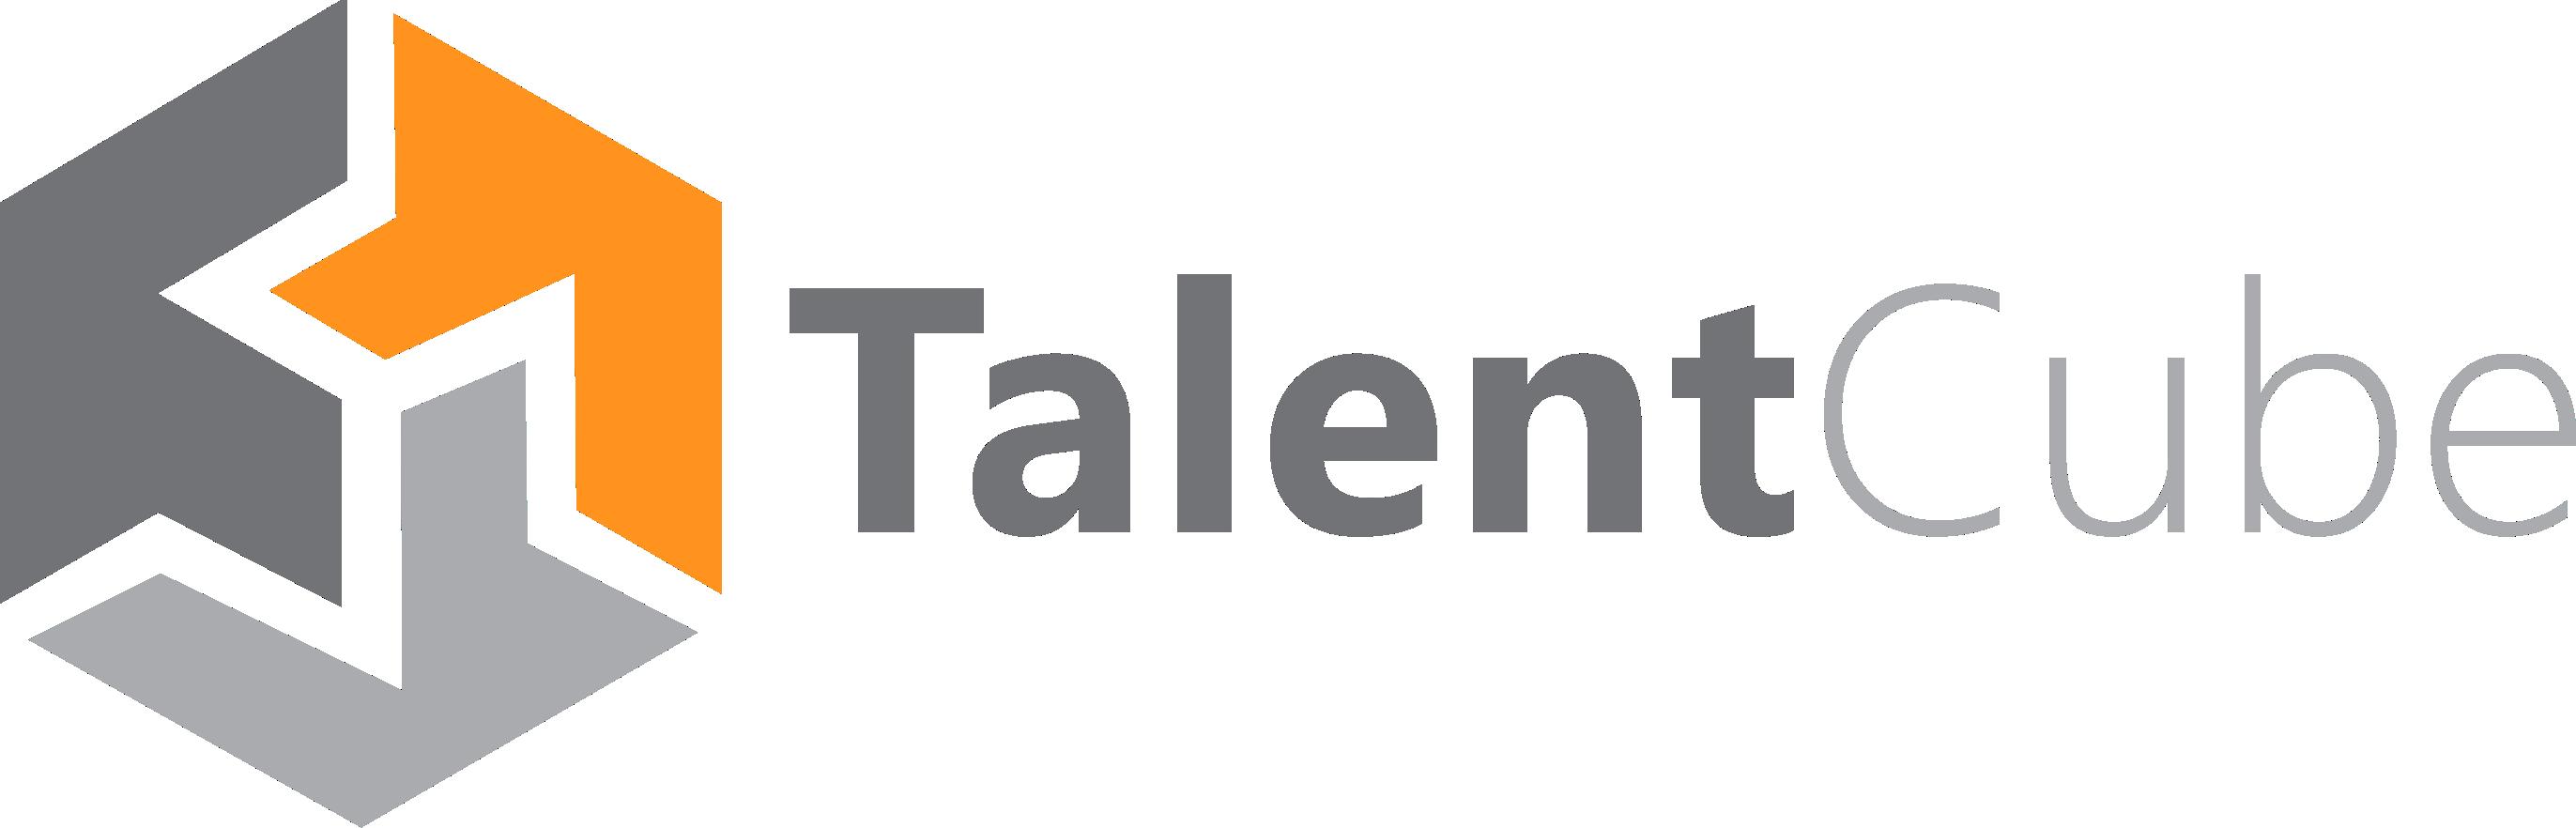 SoftwareReviews | TalentCube Inbound Recruiting | Make Better IT